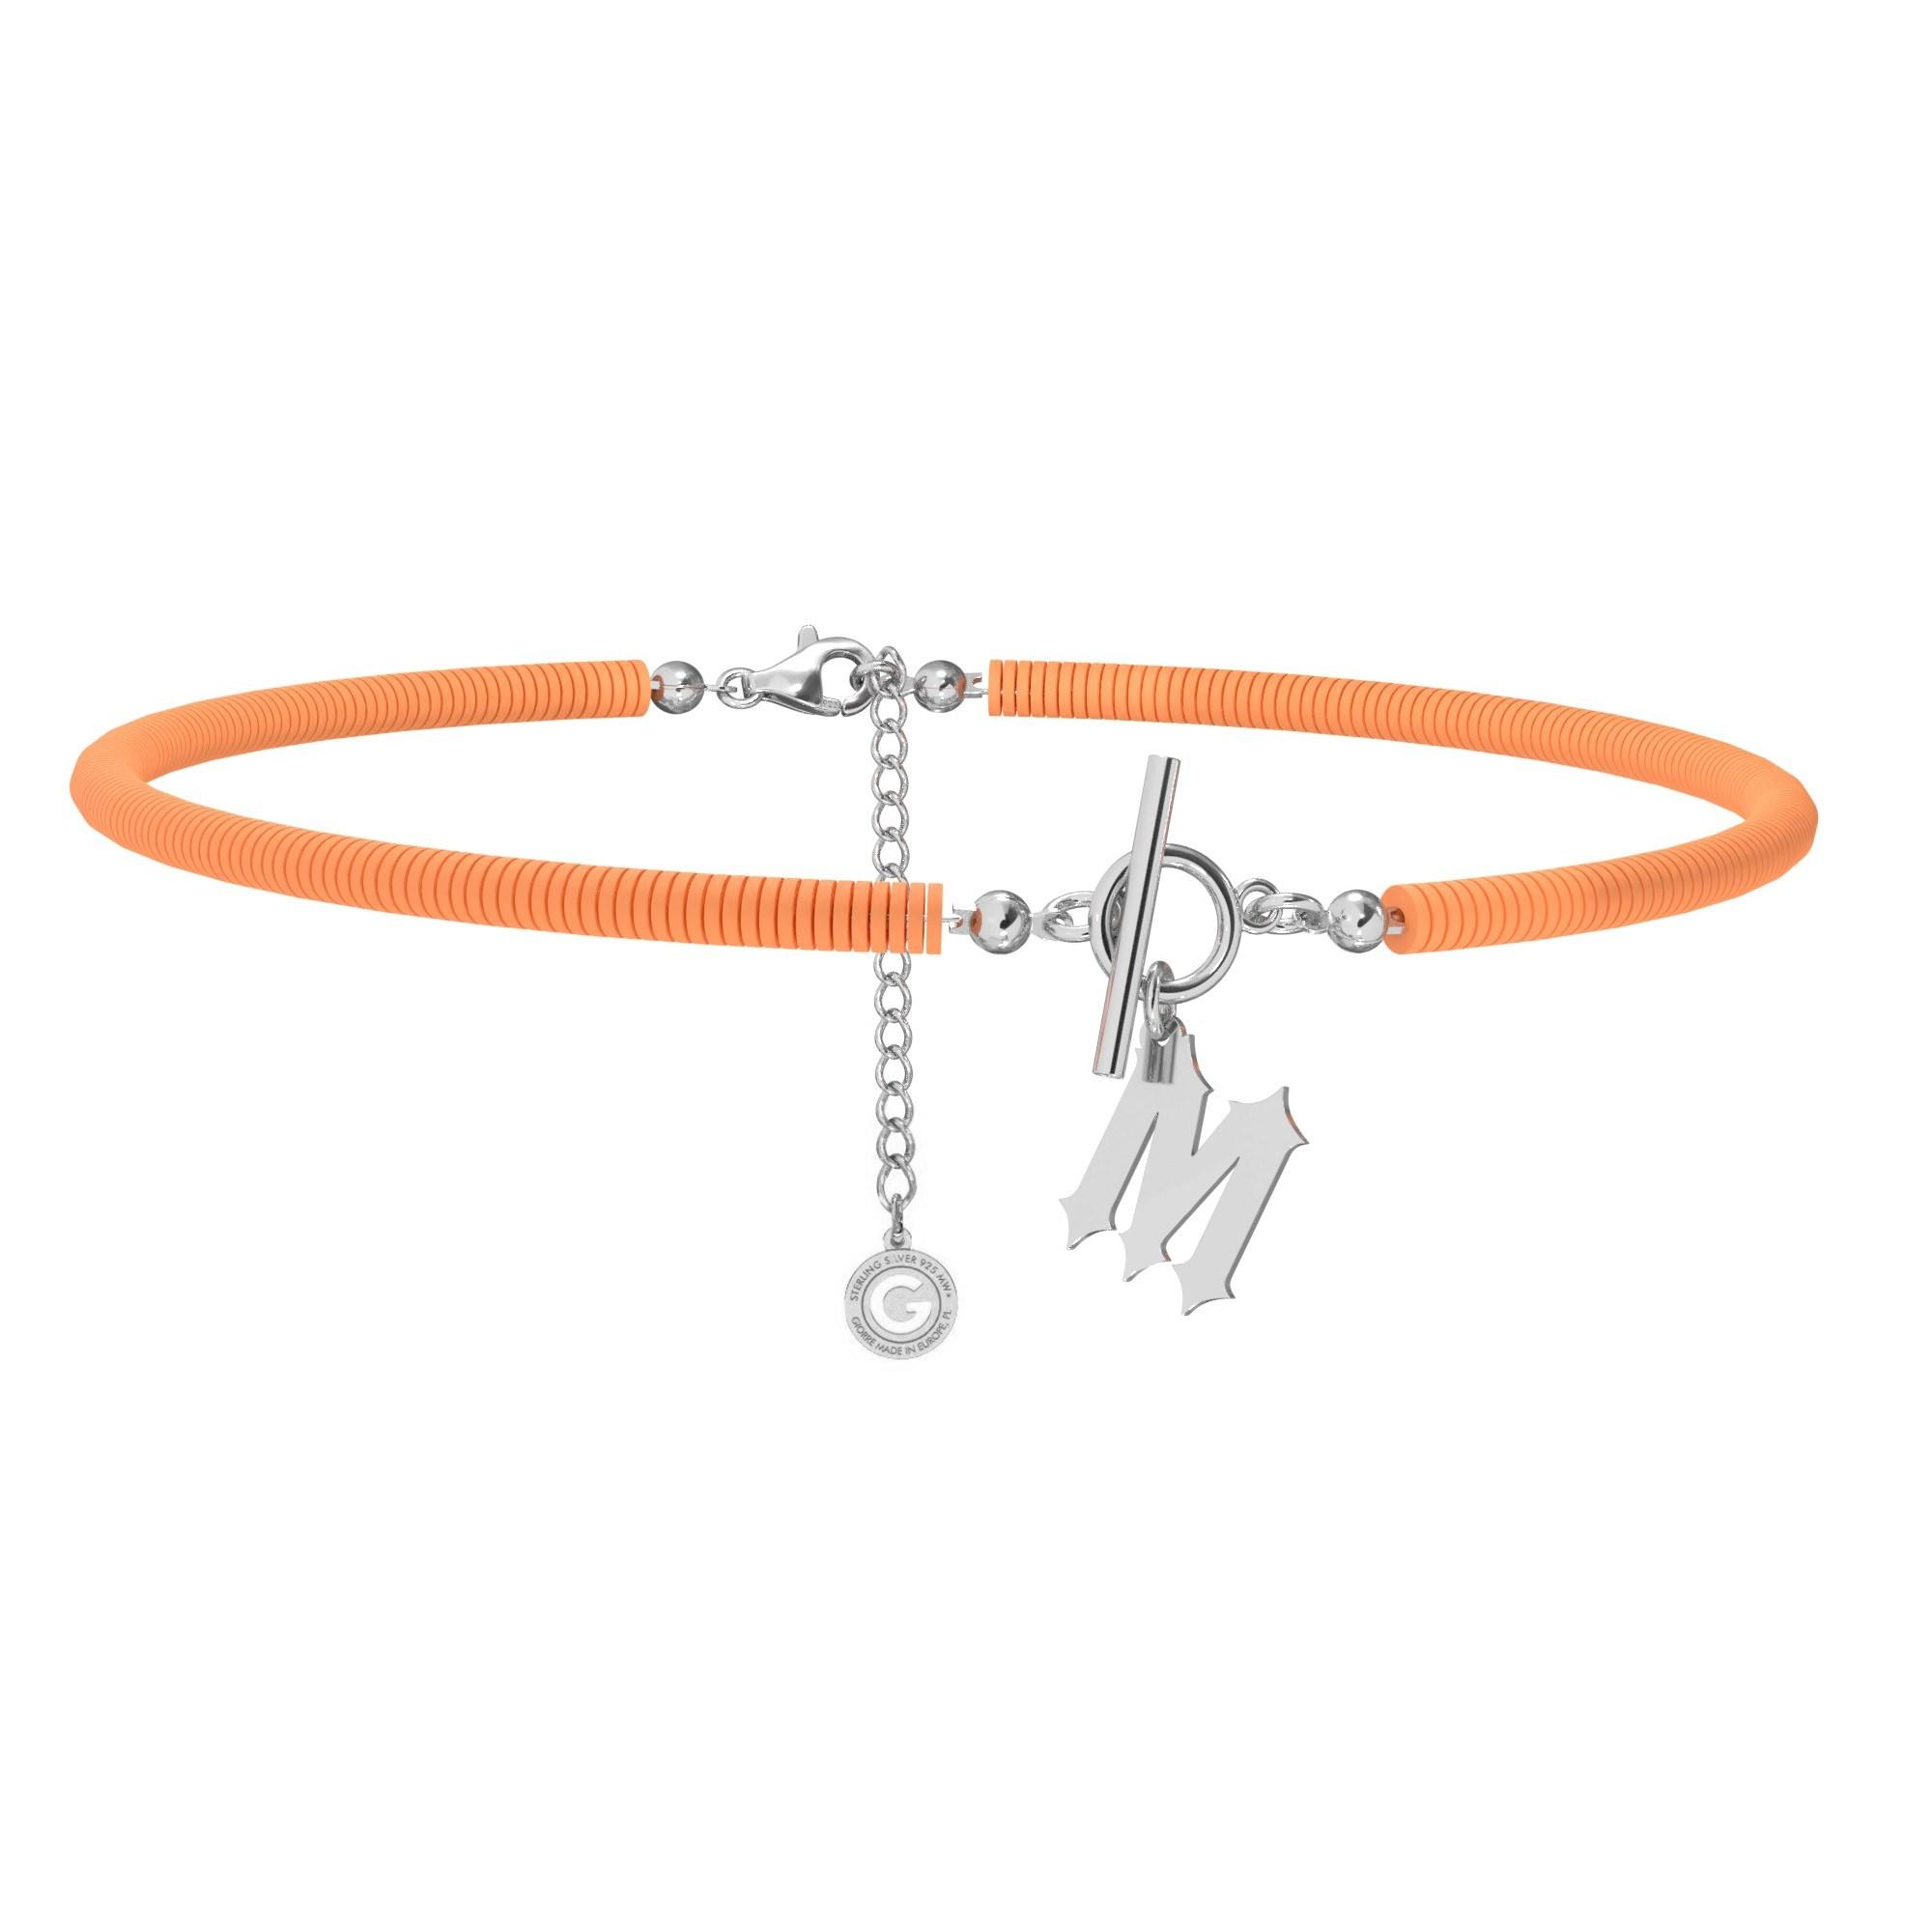 Choker pomarańczowa glinka polimerowa z dowolną literą MON DÉFI, srebro 925